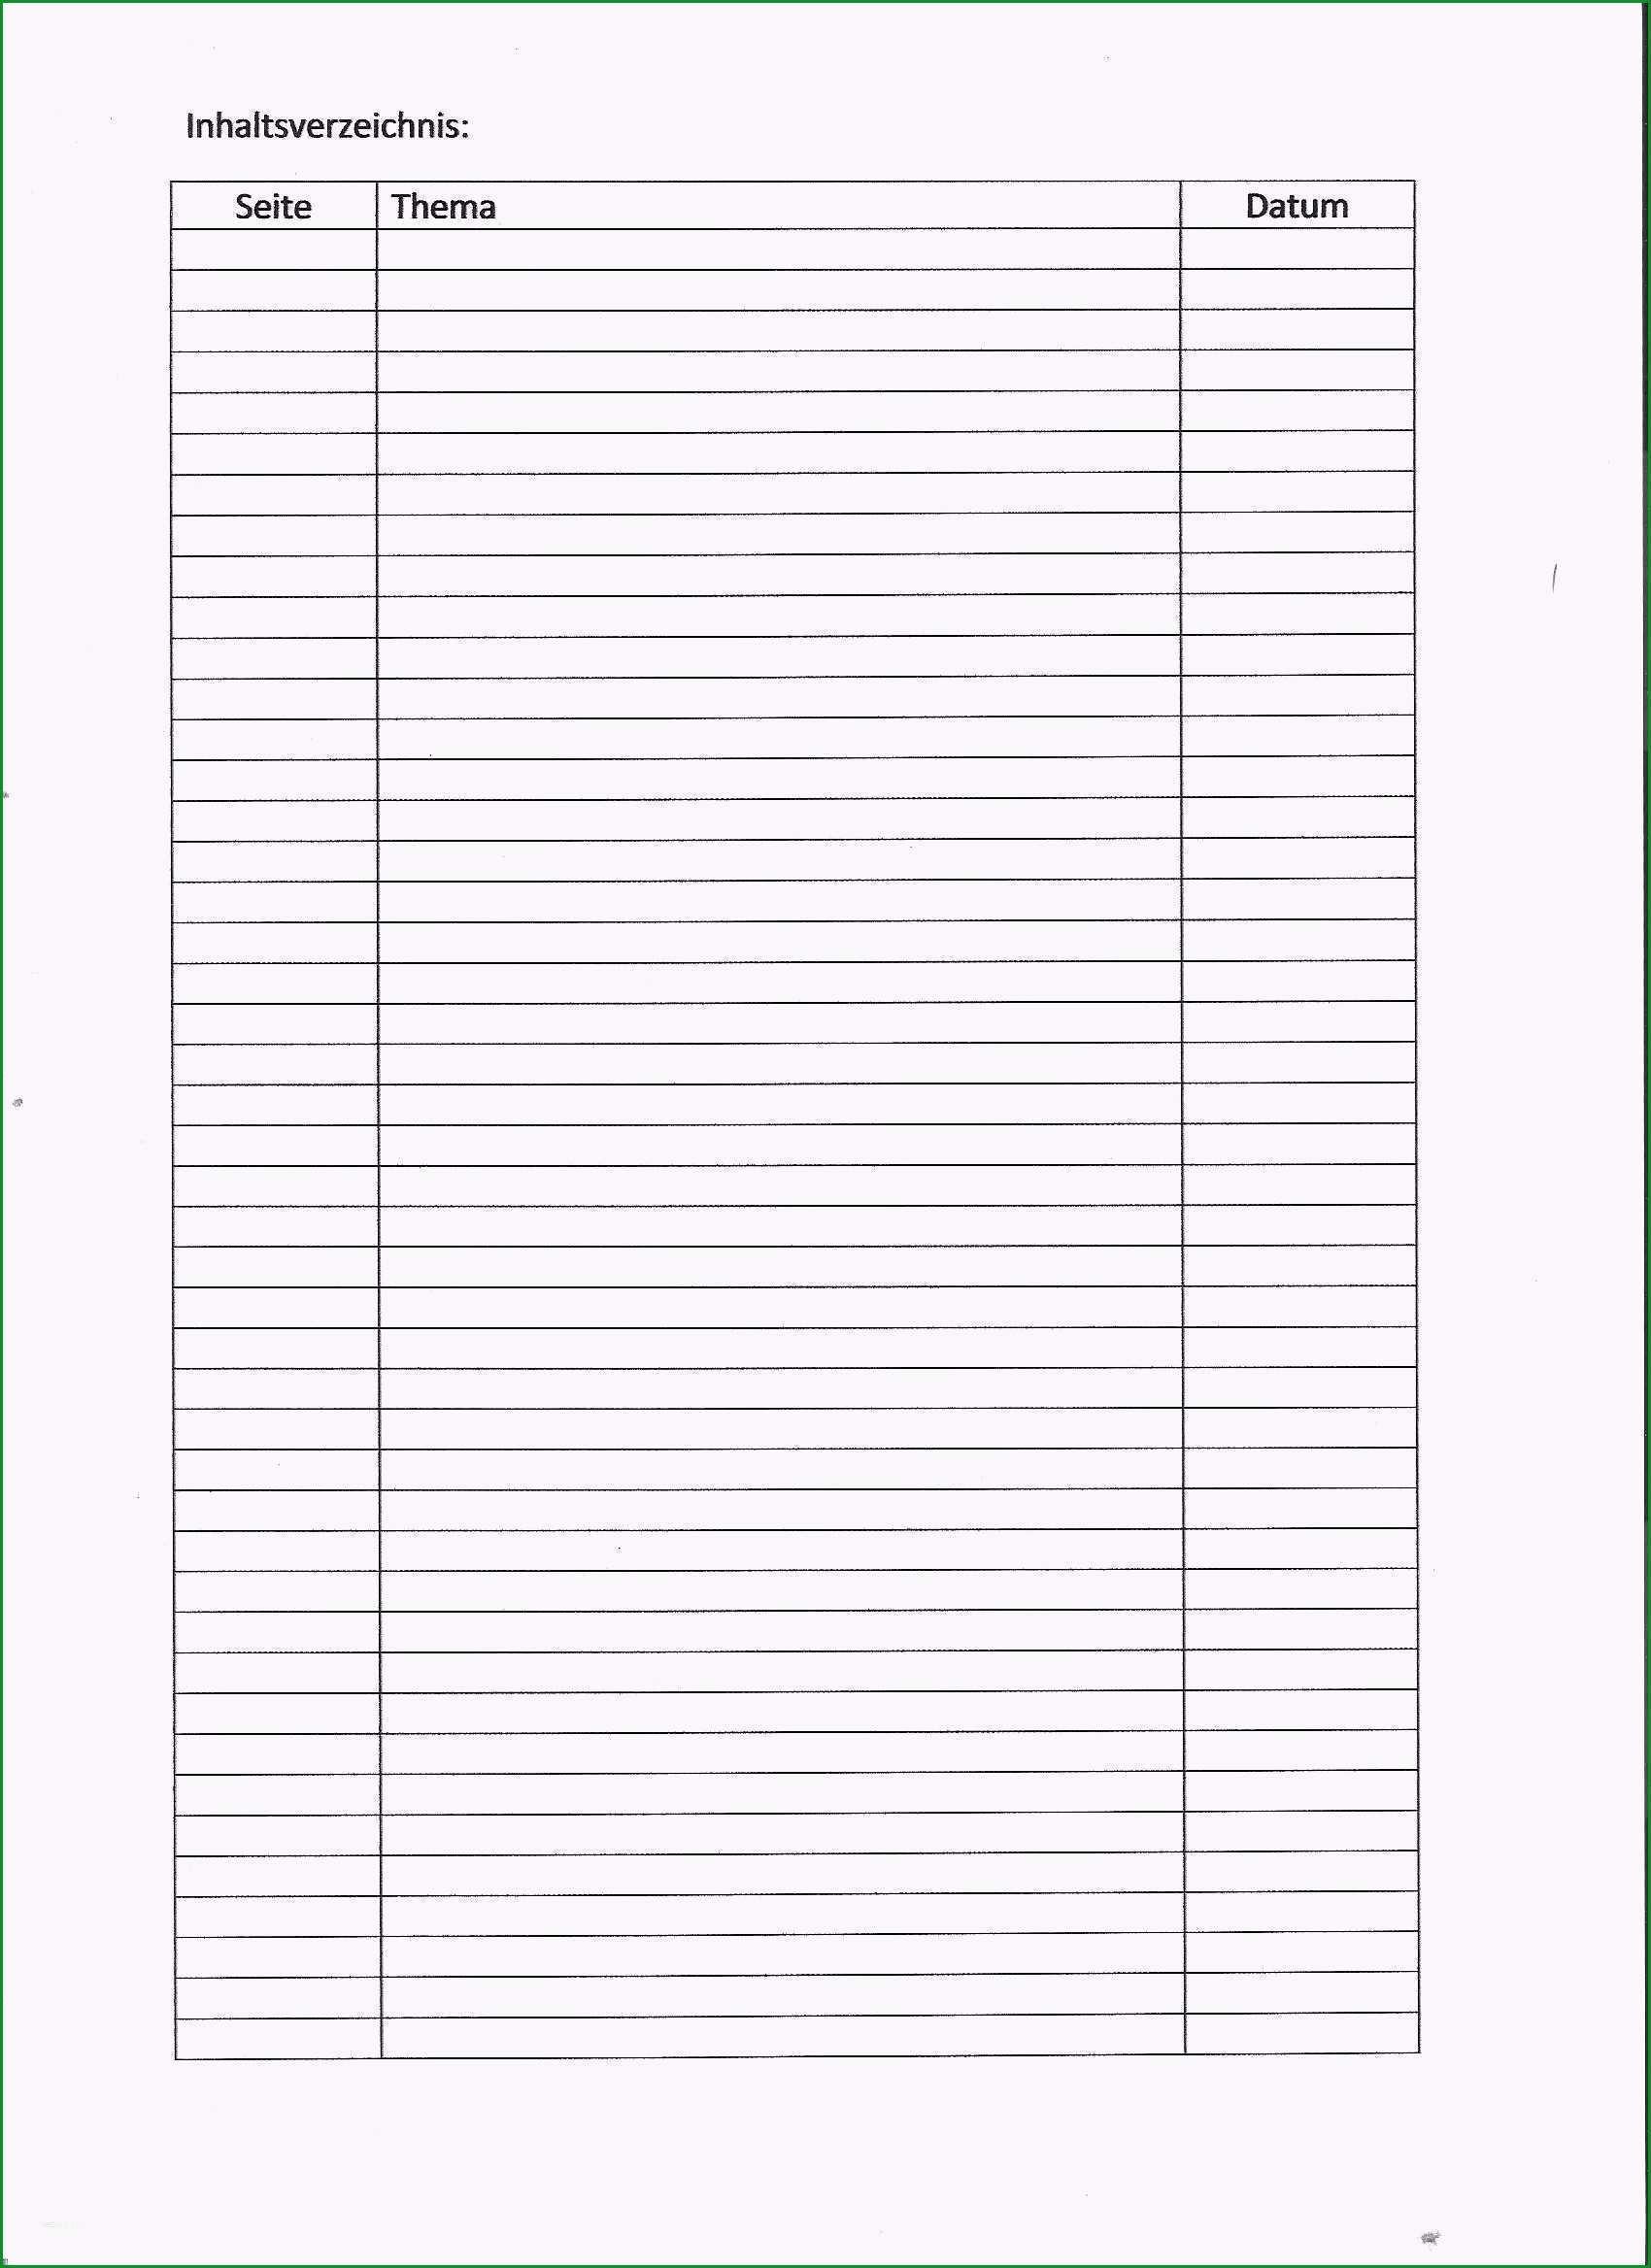 datenschutzerklarung vorlage inspiration inhaltsverzeichnis vorlage schule vorlagen kostenlos